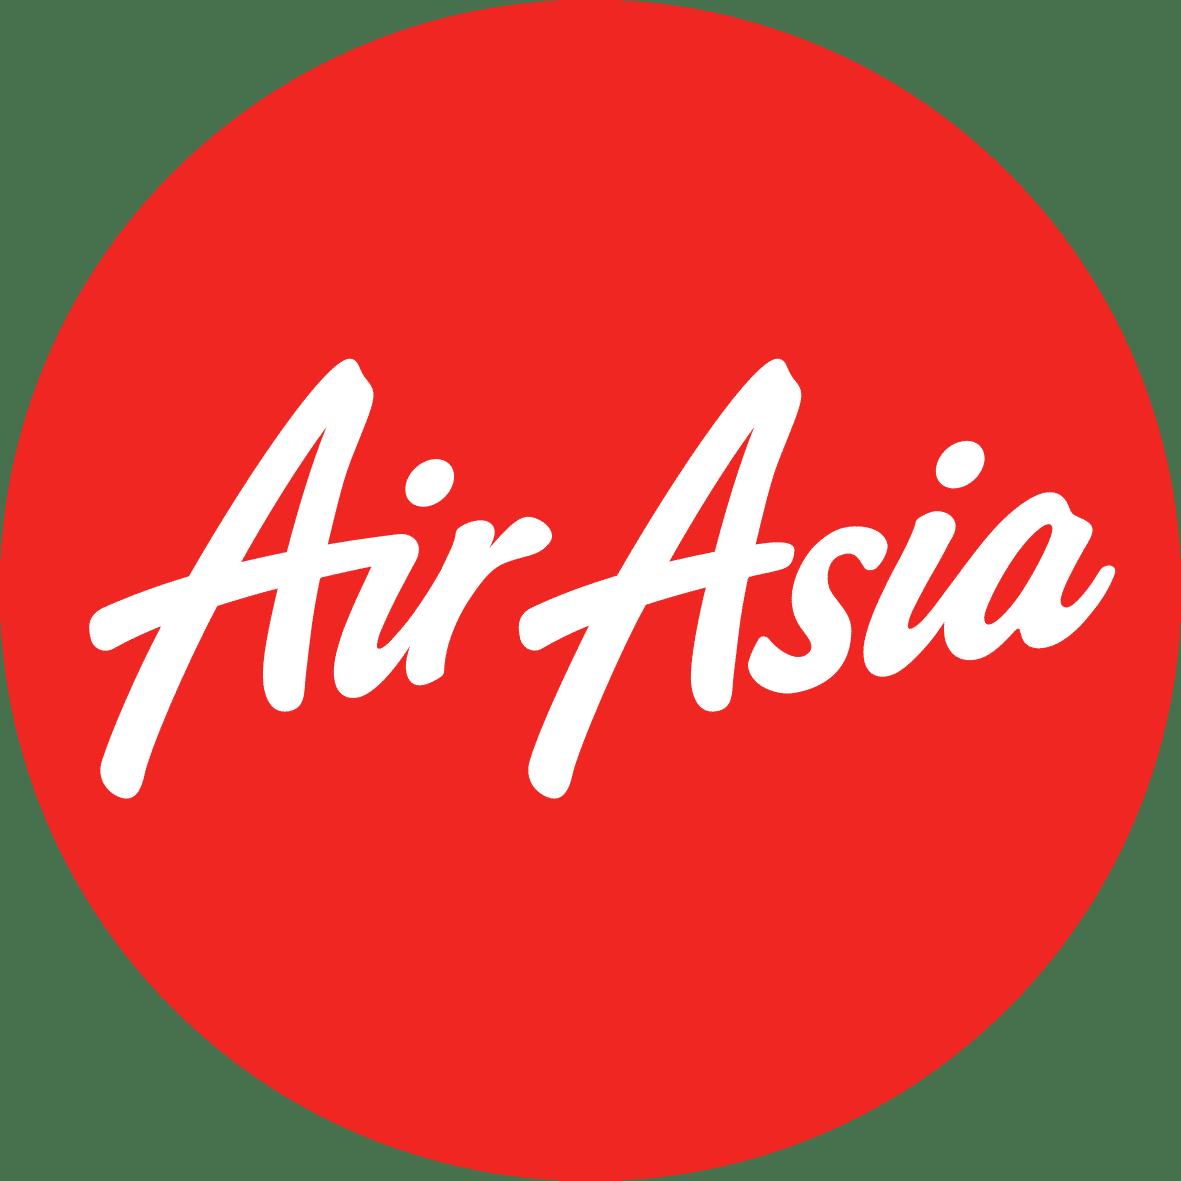 flight/airline/airasia